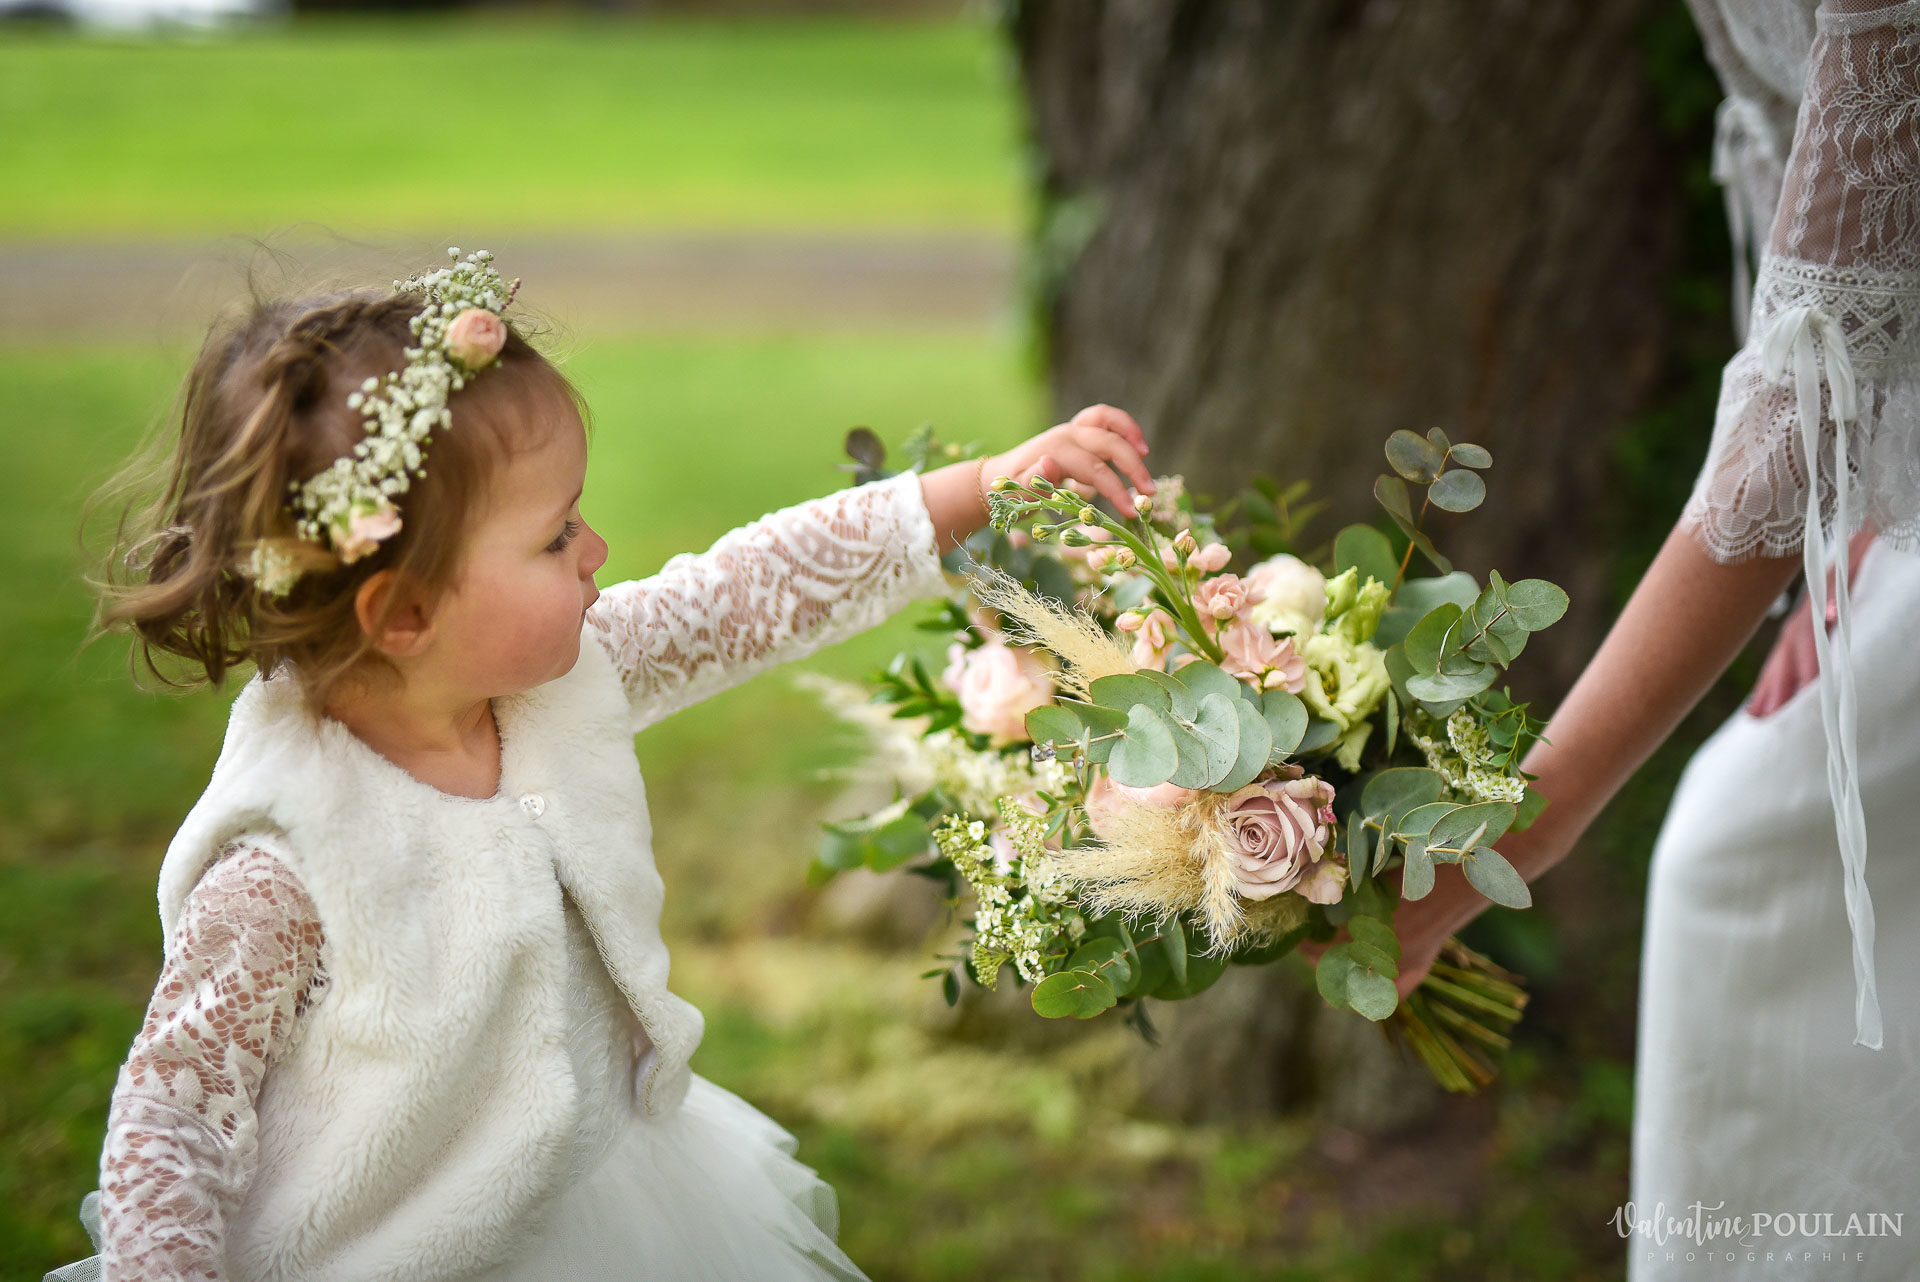 Mariage cité du train bouquet petite - Valentine Poulain